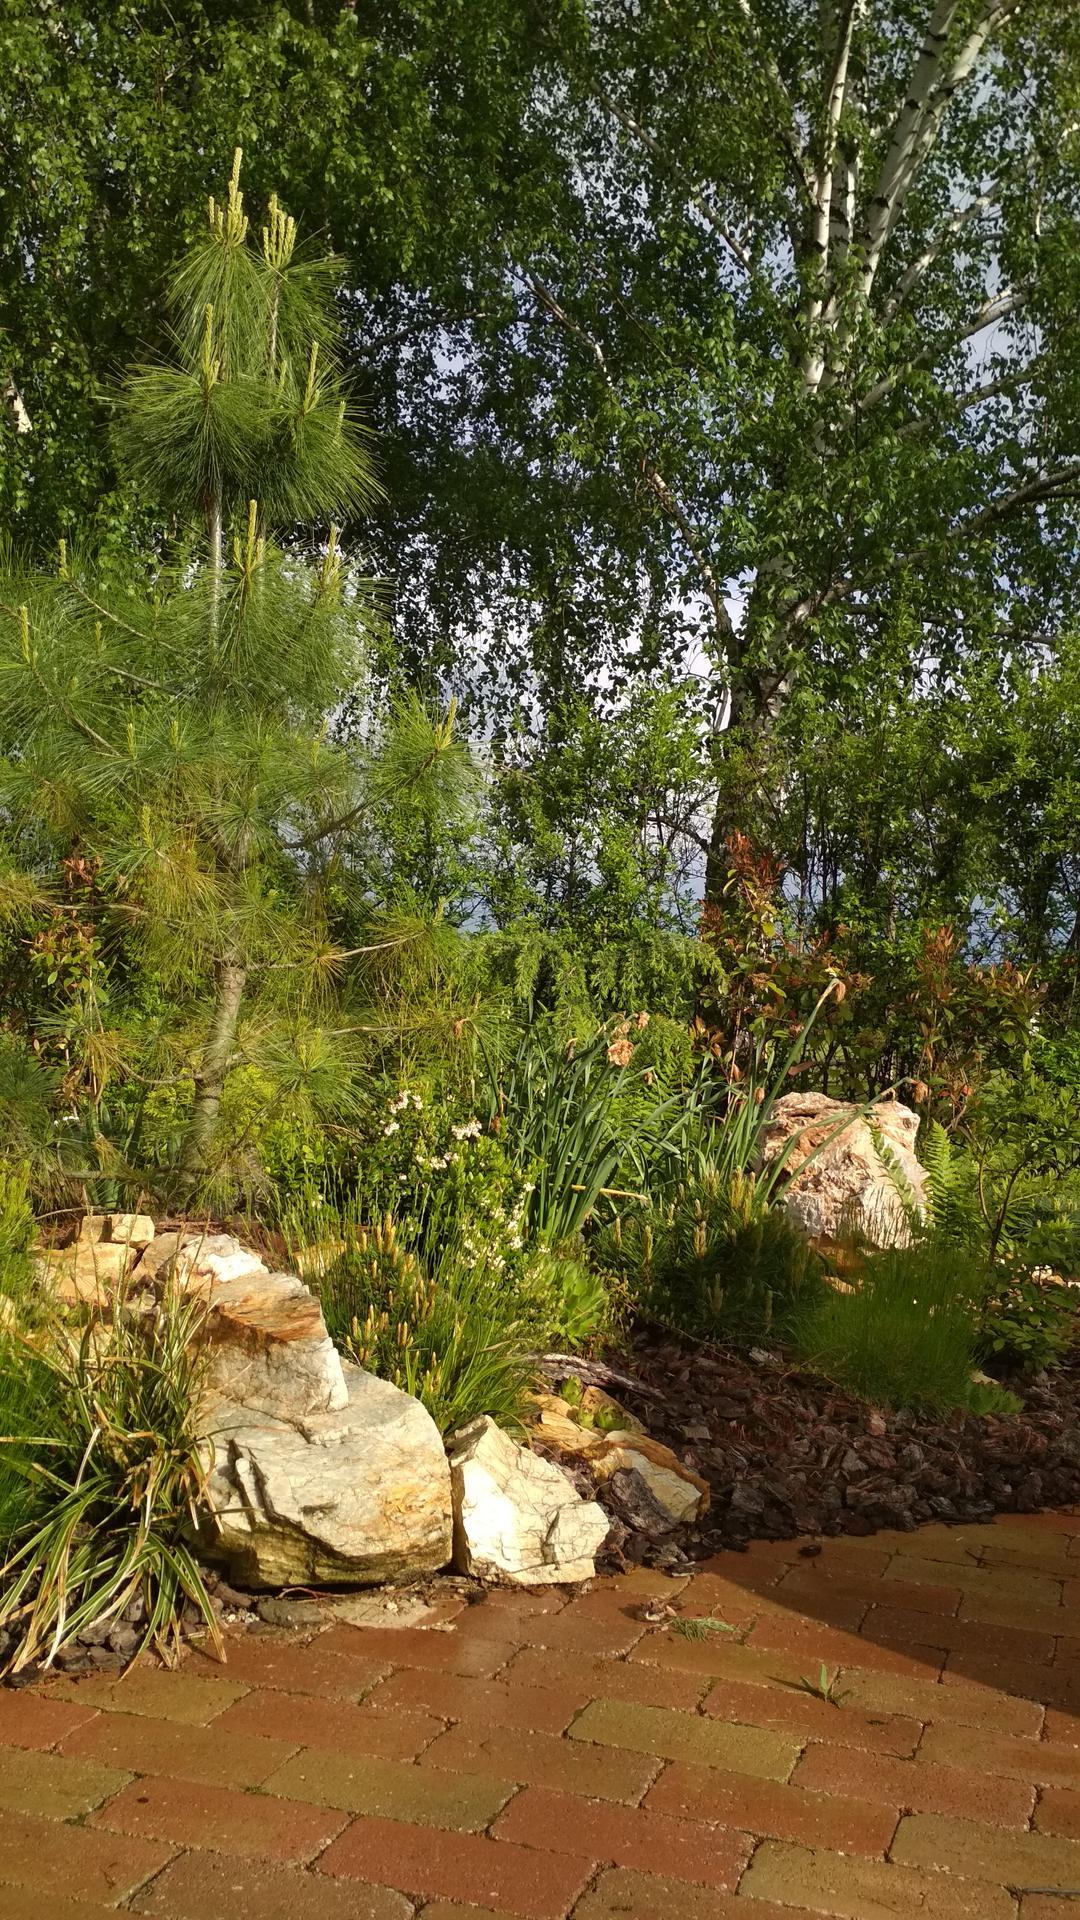 záhrada vidiecka, farebná rok 2021 - Obrázok č. 46